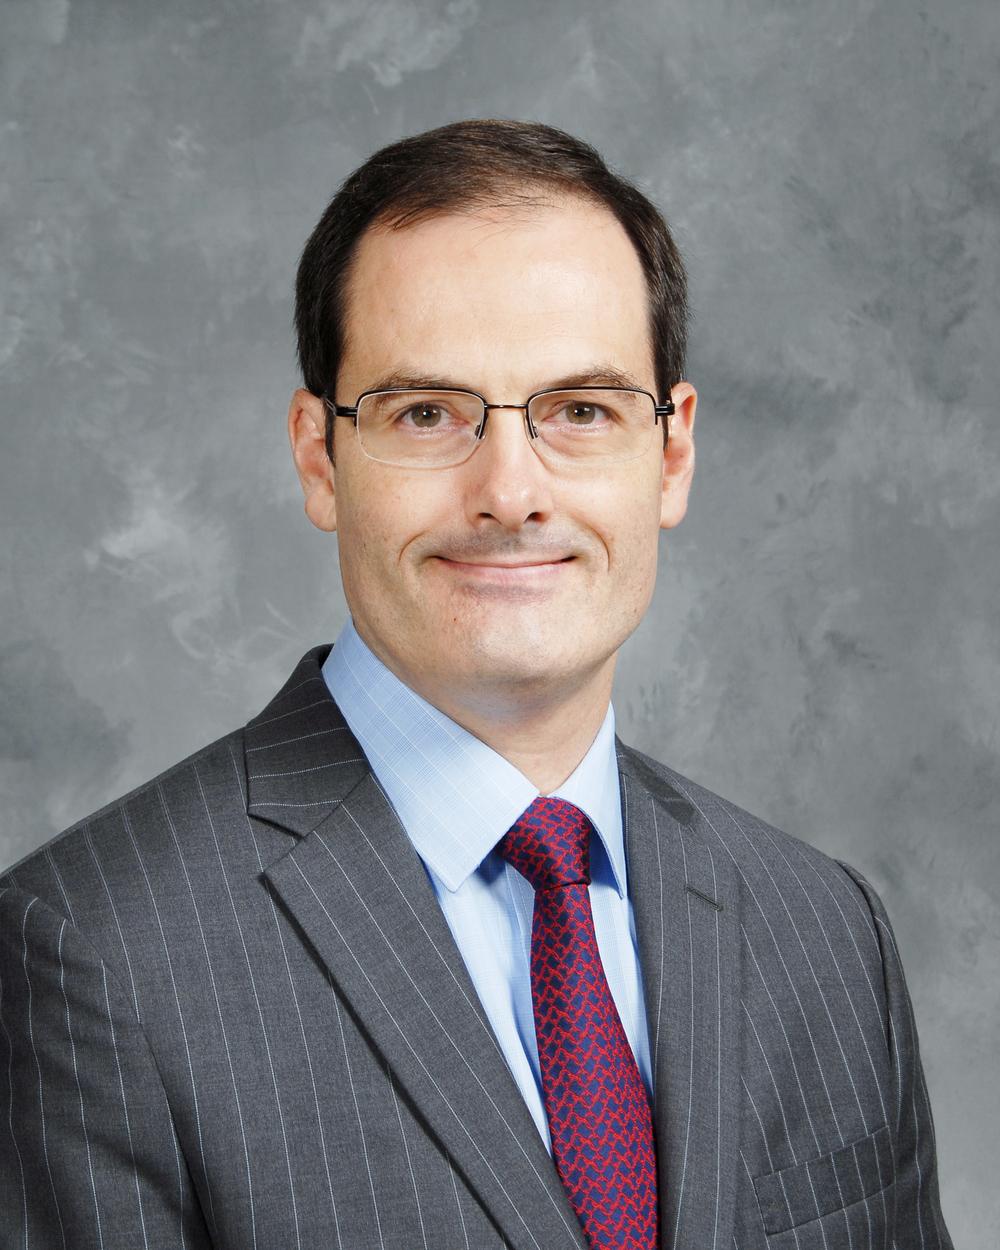 Christian Stewart